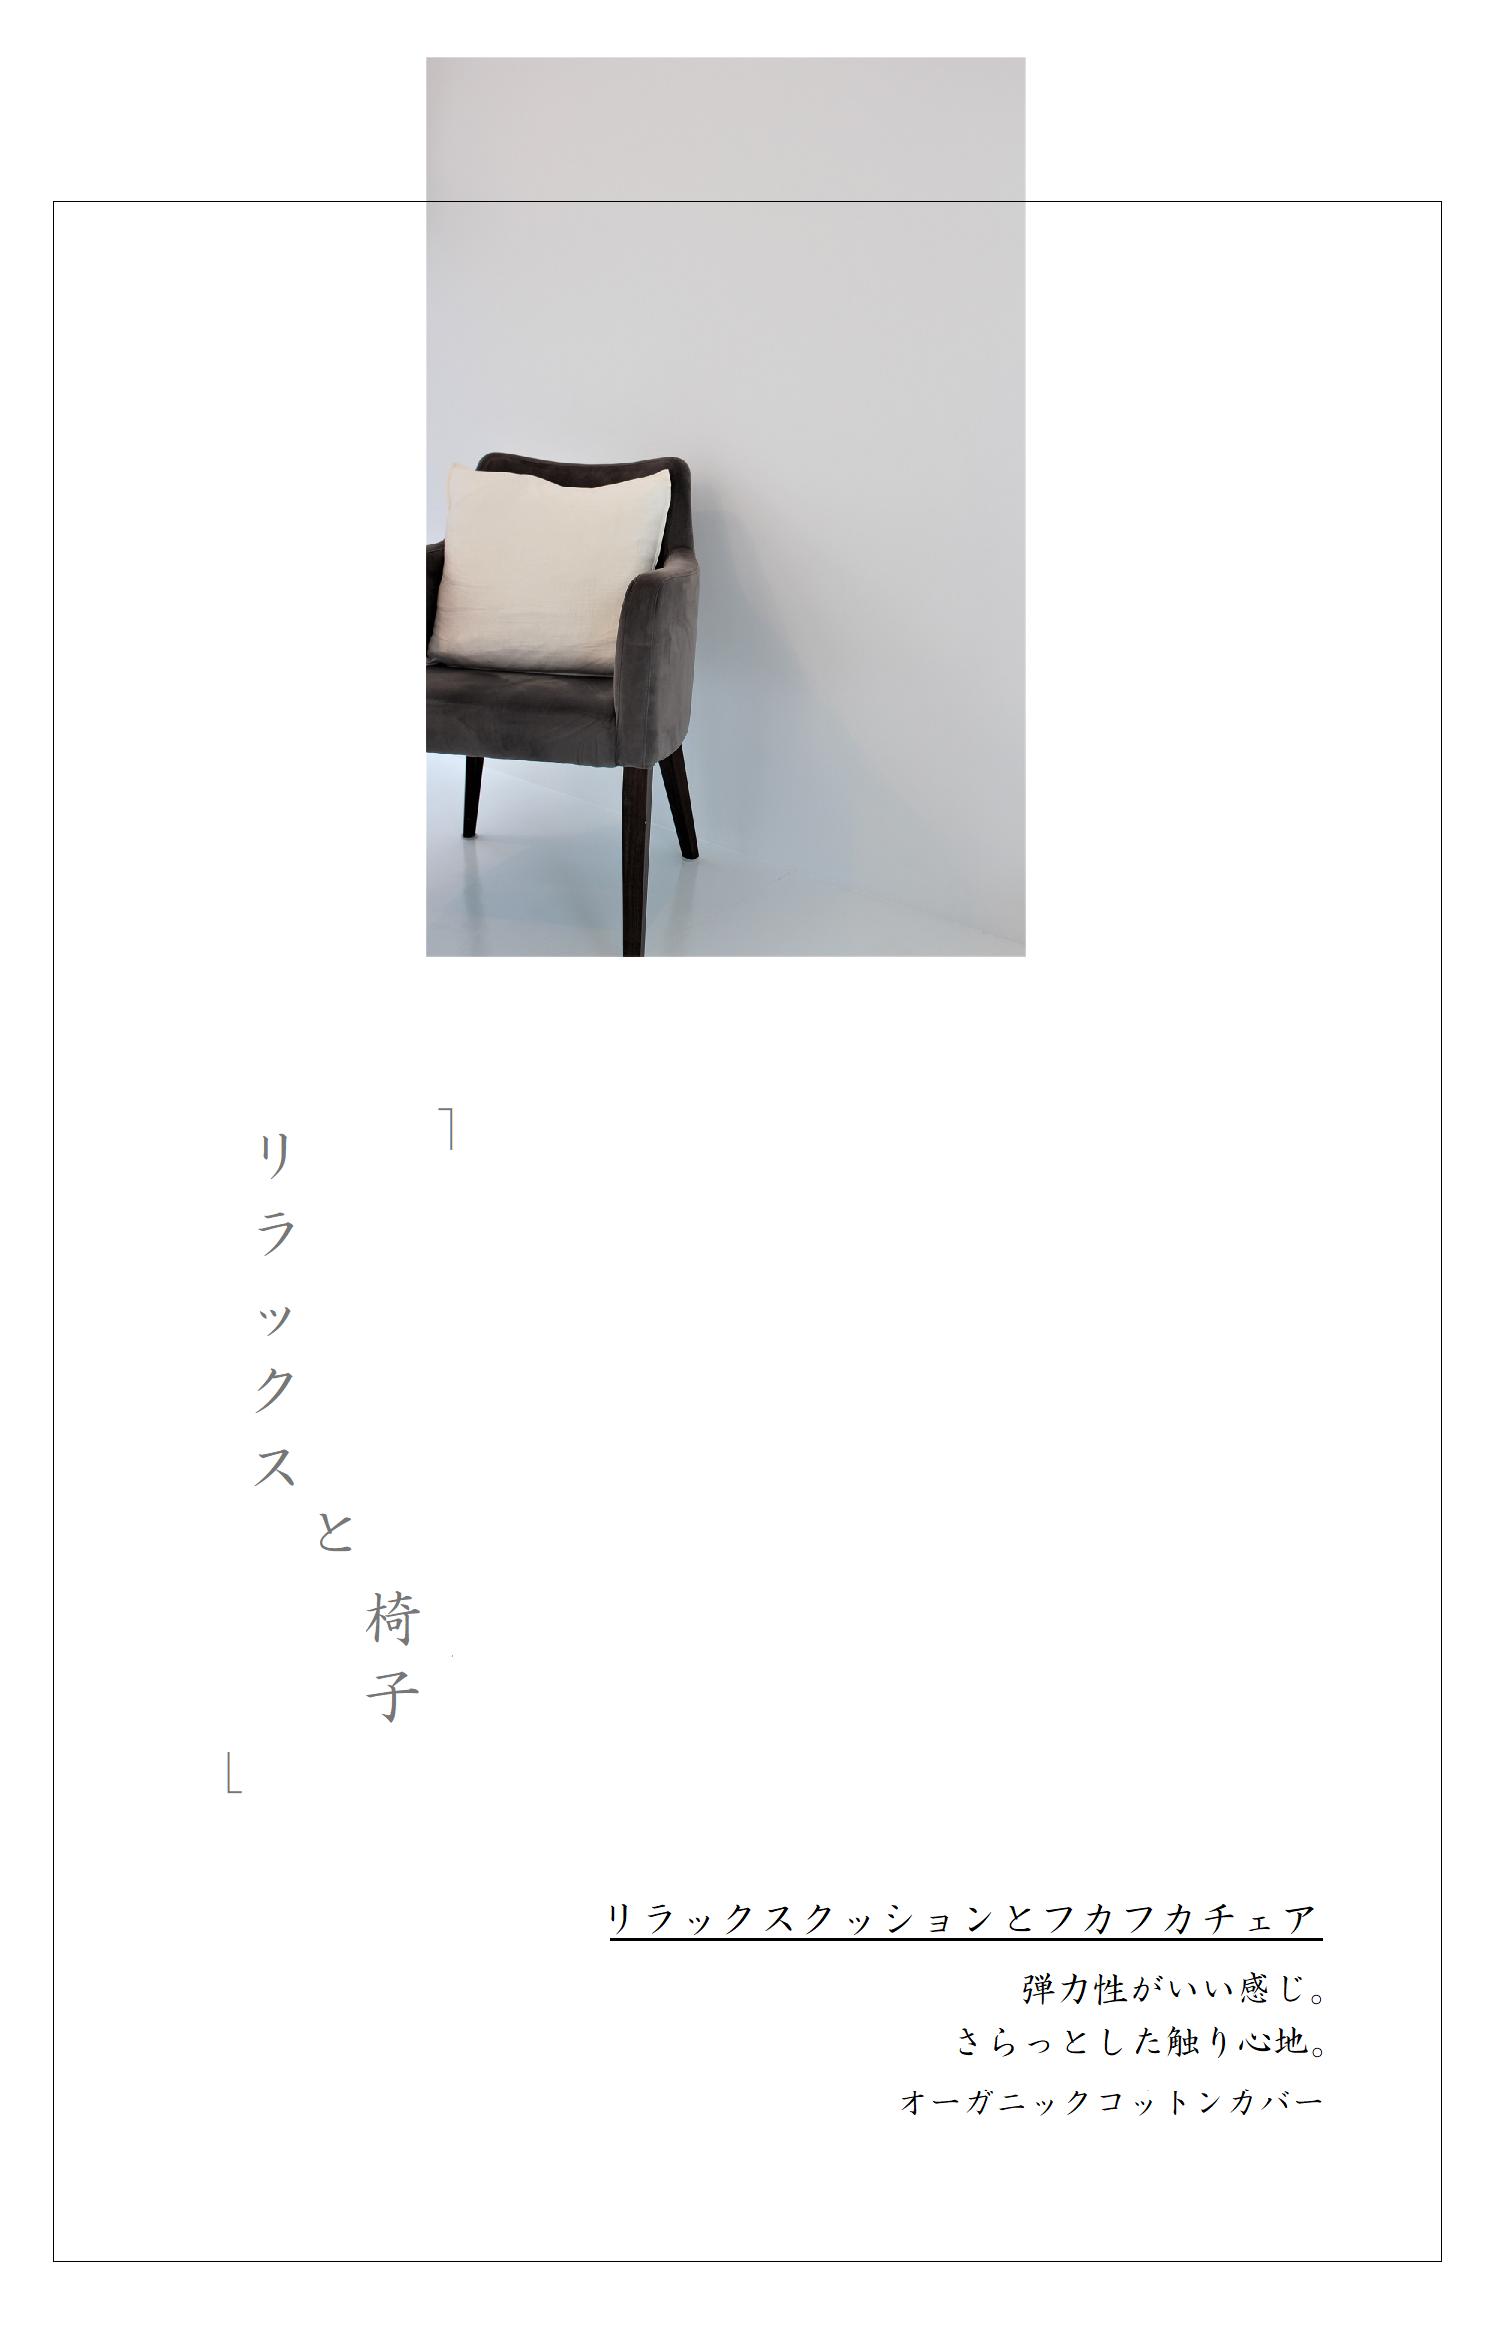 チェア 椅子 サロン salon 設備 │ PHOTON ( フォトン )│private nail art lab Tokyo│ プライベート ネイル サロン │ 表参道 東京